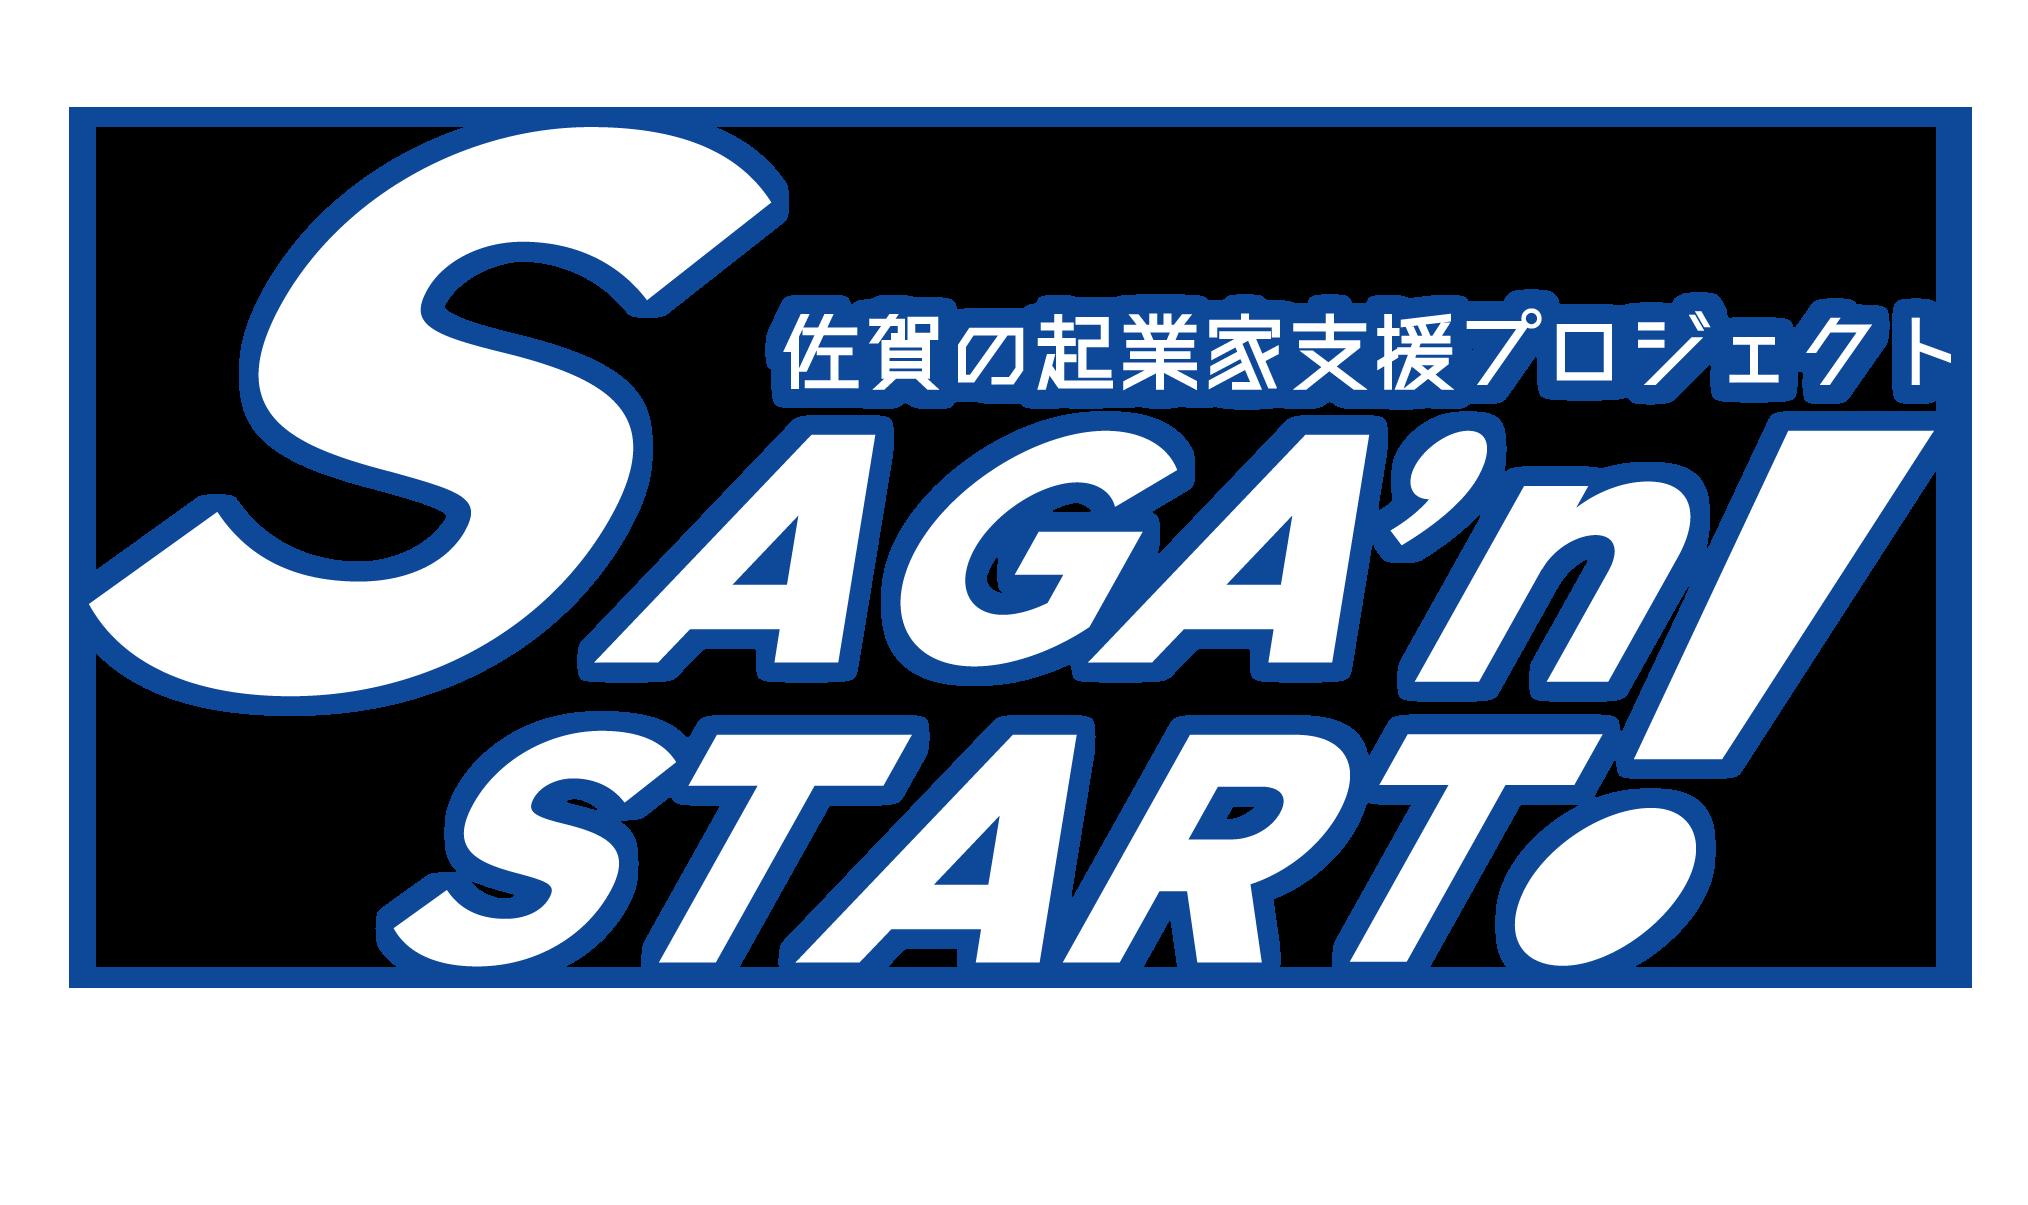 SAGA'n START! 起業支援金